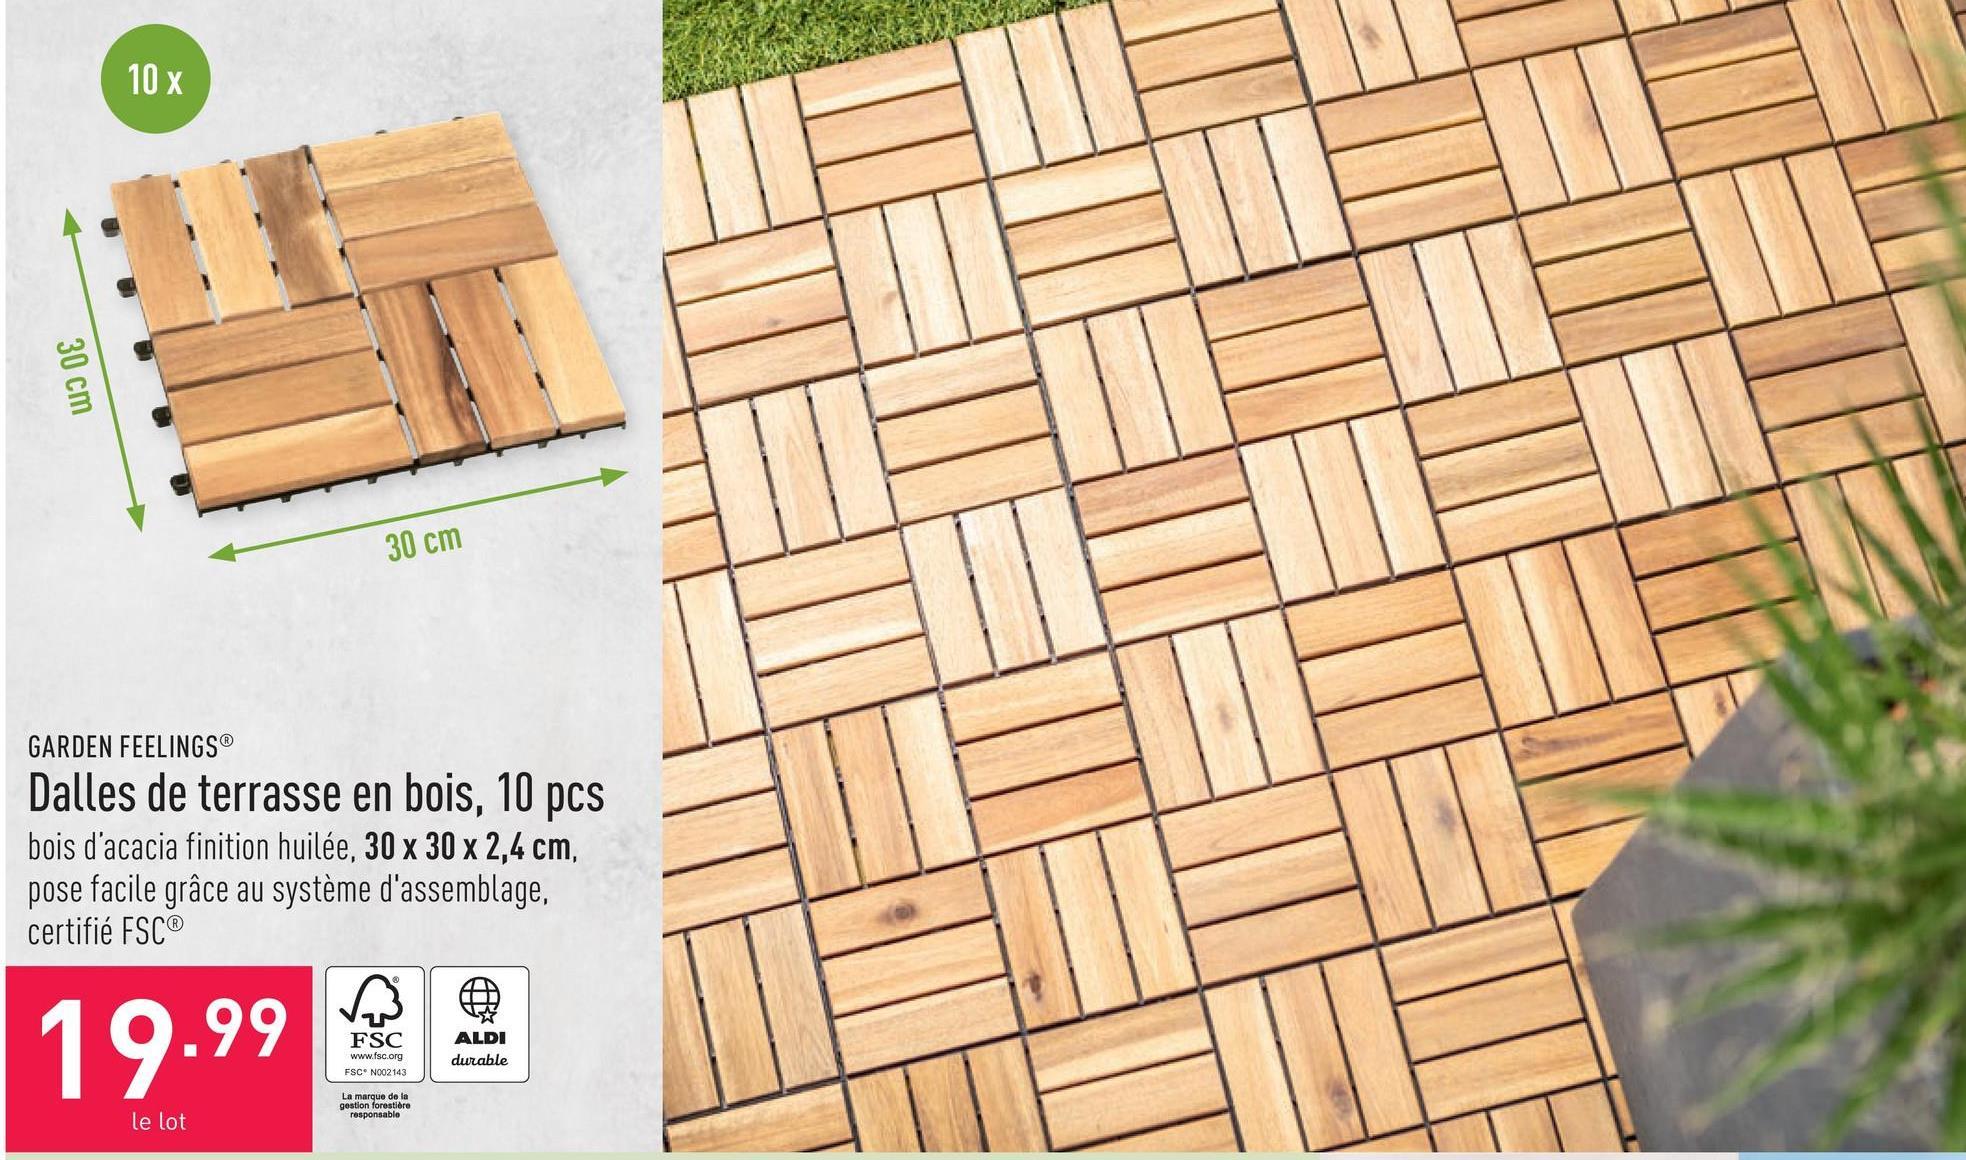 Dalles de terrasse en bois, 10 pcs bois acacia finition huilée, 30 x 30 x 2,4 cm, pose facile grâce au système d'assemblage, certifié FSC®